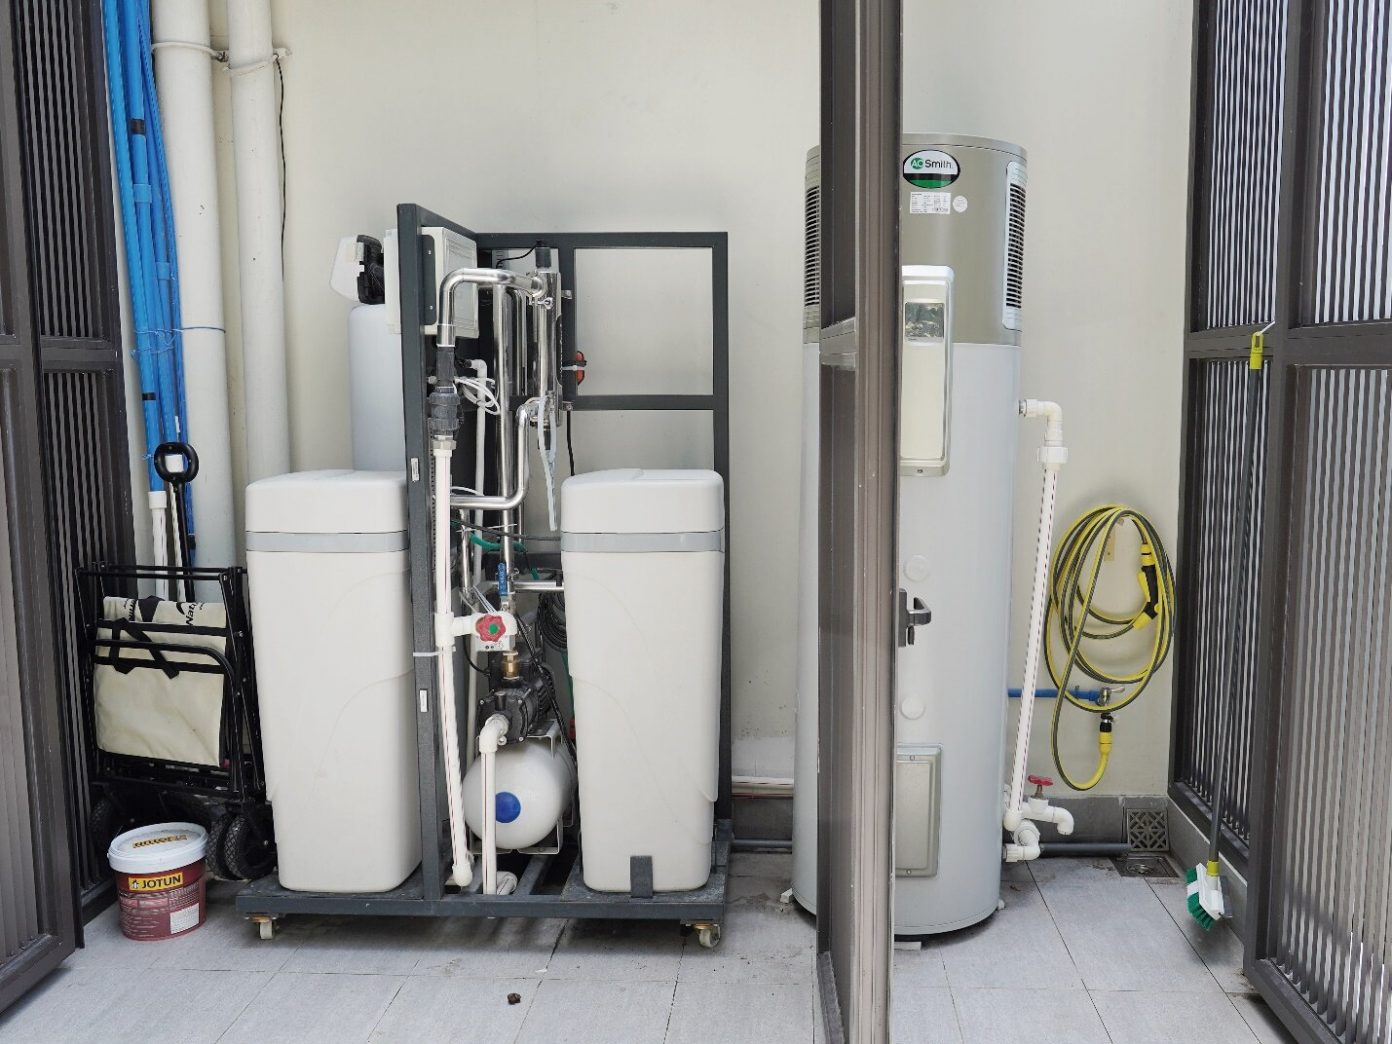 Hệ thống máy lọc nước đầu nguồn và máy nước nóng A .O. Smith được đặt gọn gàng ở ban công.